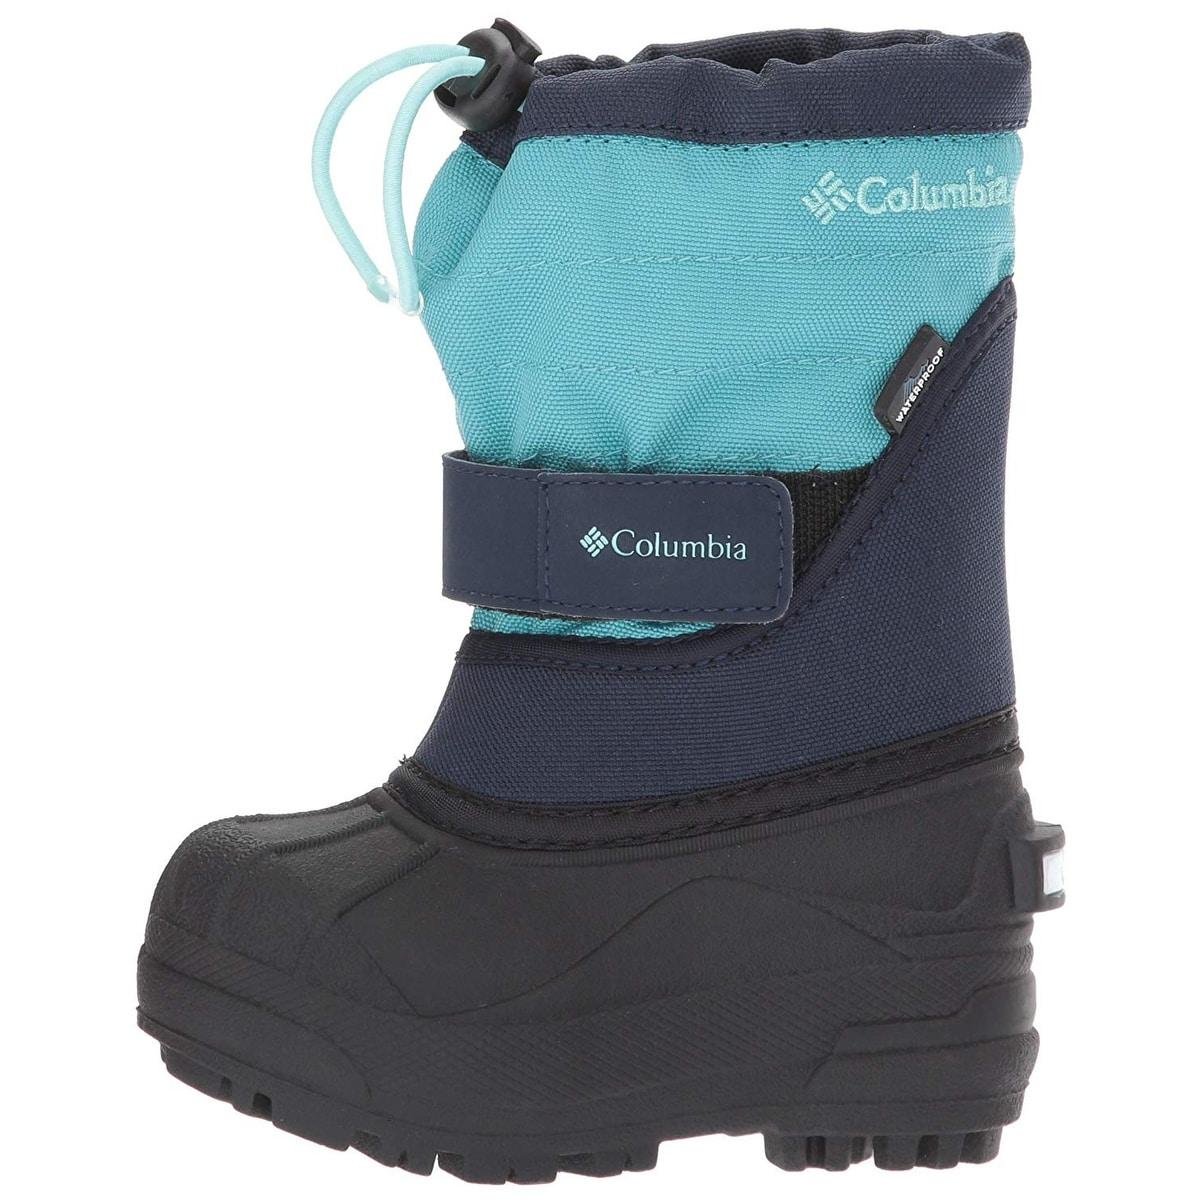 10e71dcddac7 Shop Kids Columbia Boys Powderbug Plus 2 Mid-Calf Snow Boots - Free ...